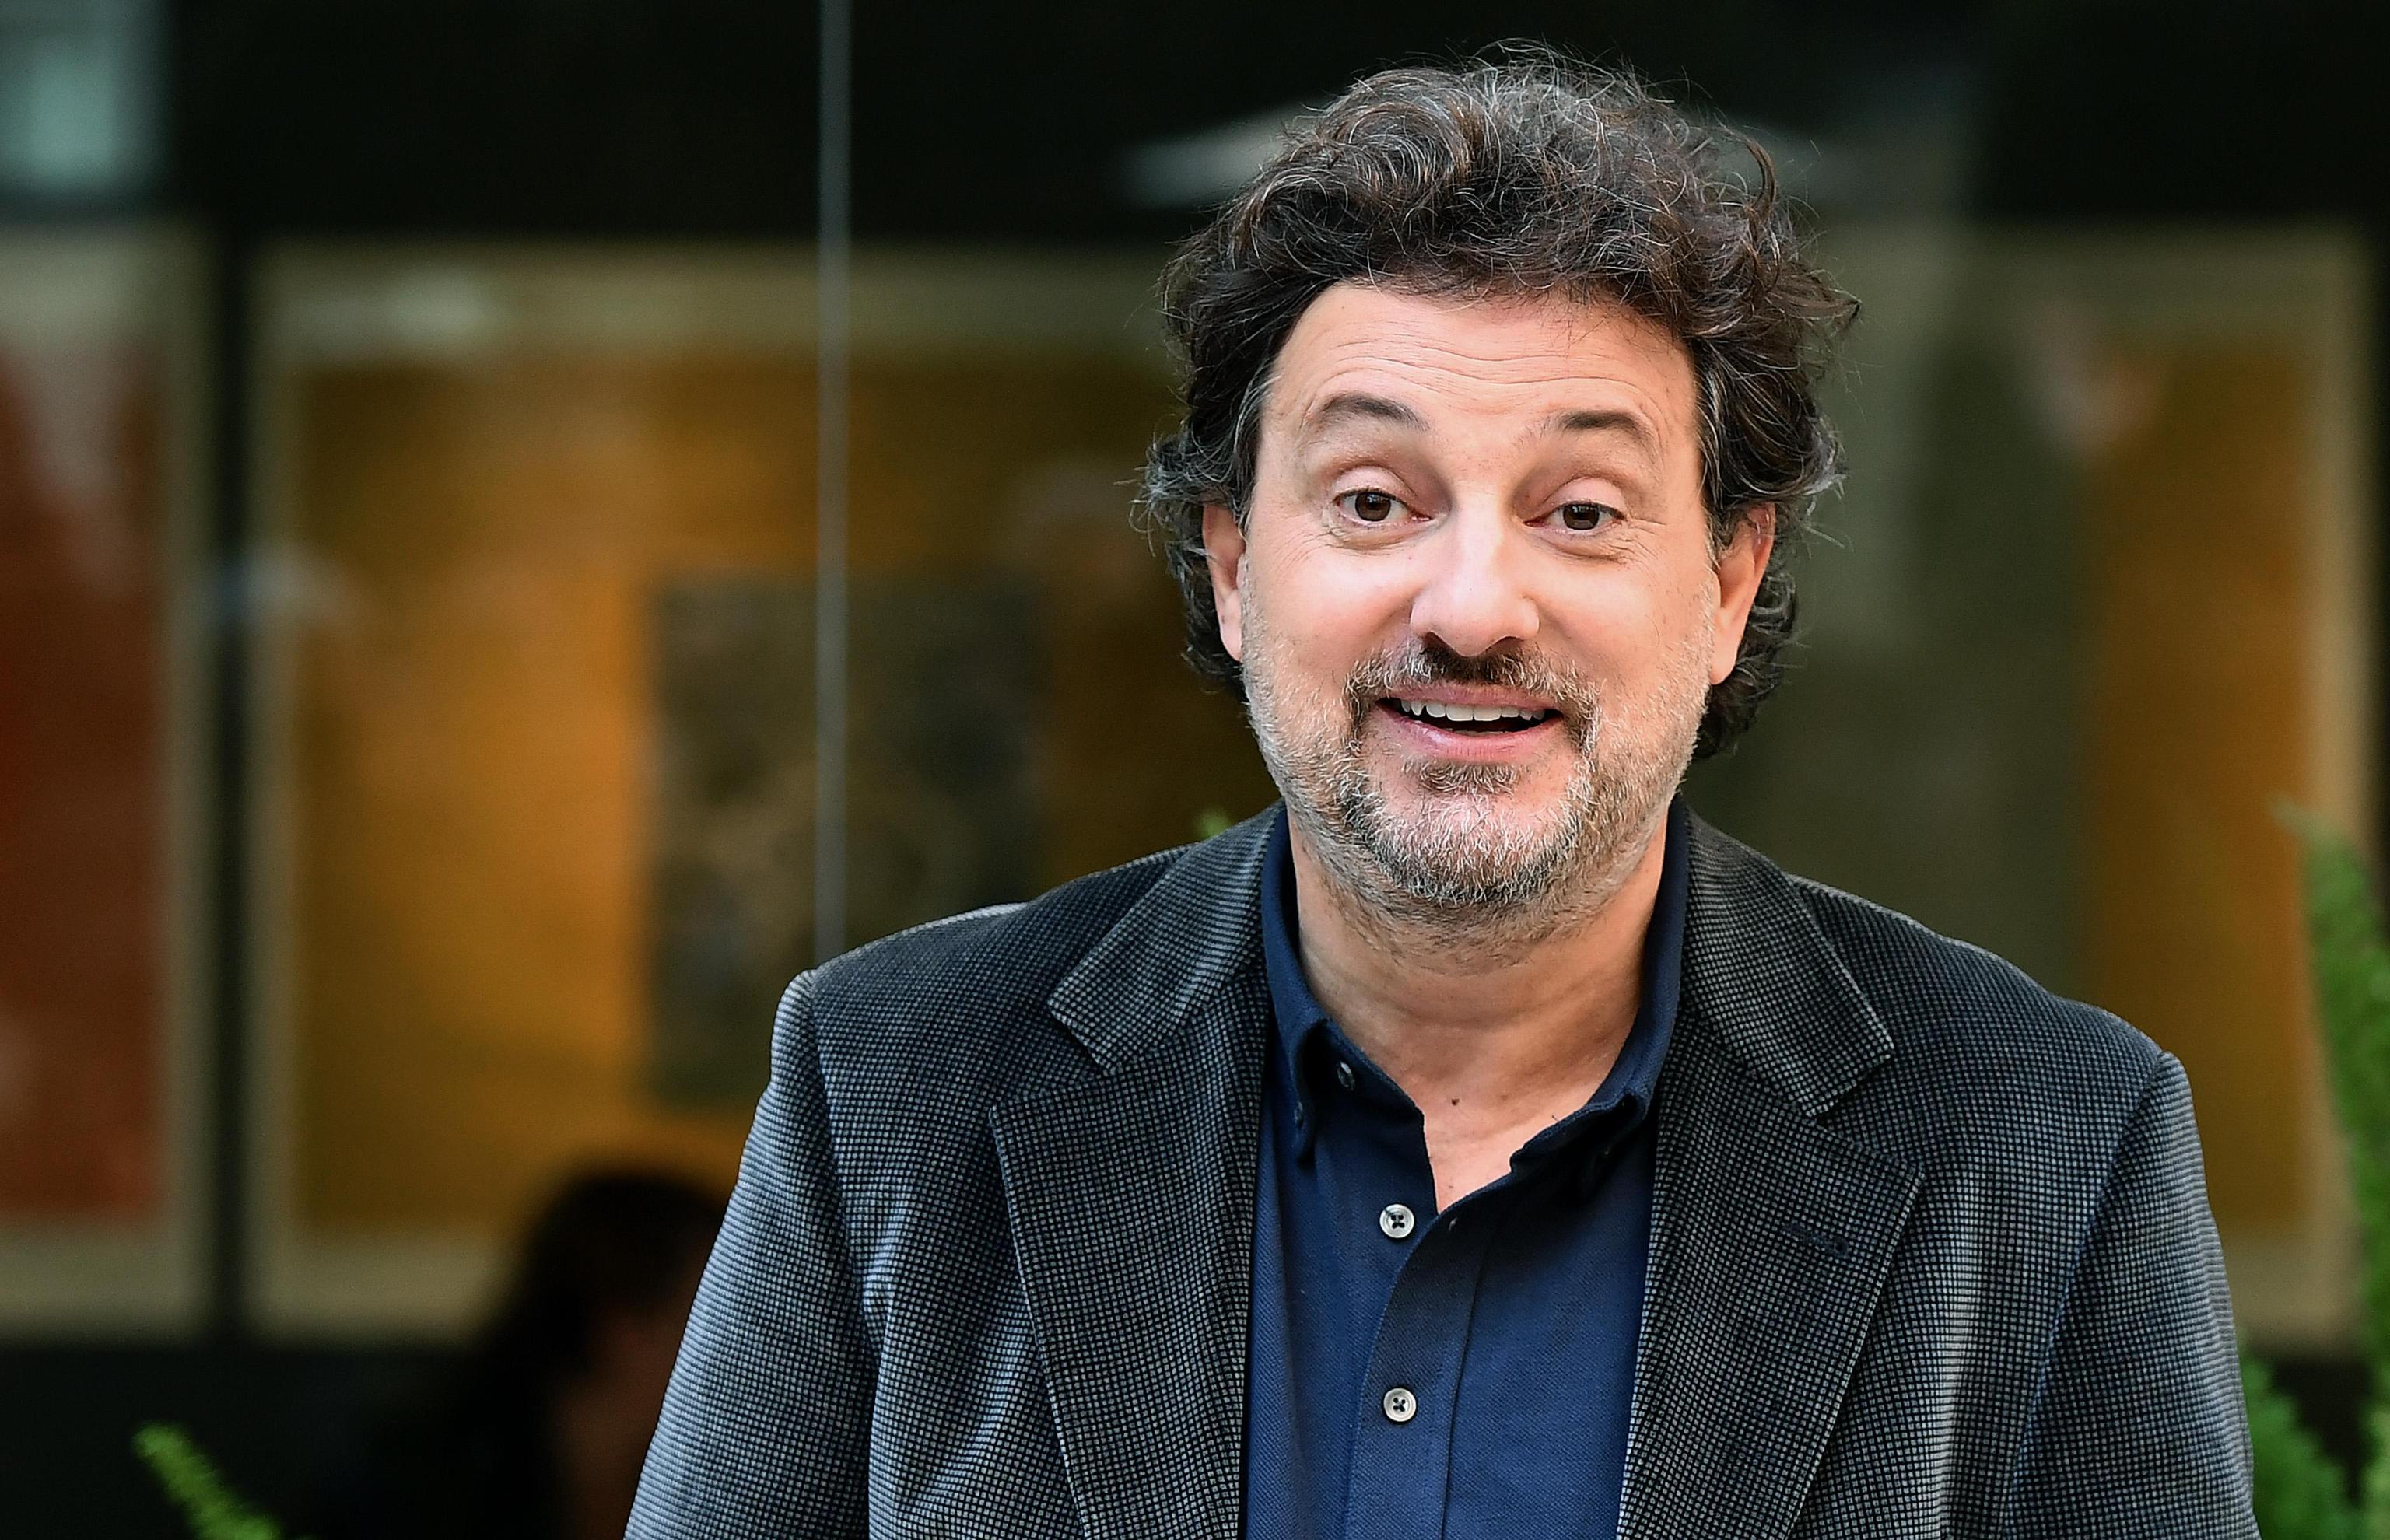 Leonardo Pieraccioni: 'Una fidanzata m'ha tradito, l'ho scoperto sul telefonino'